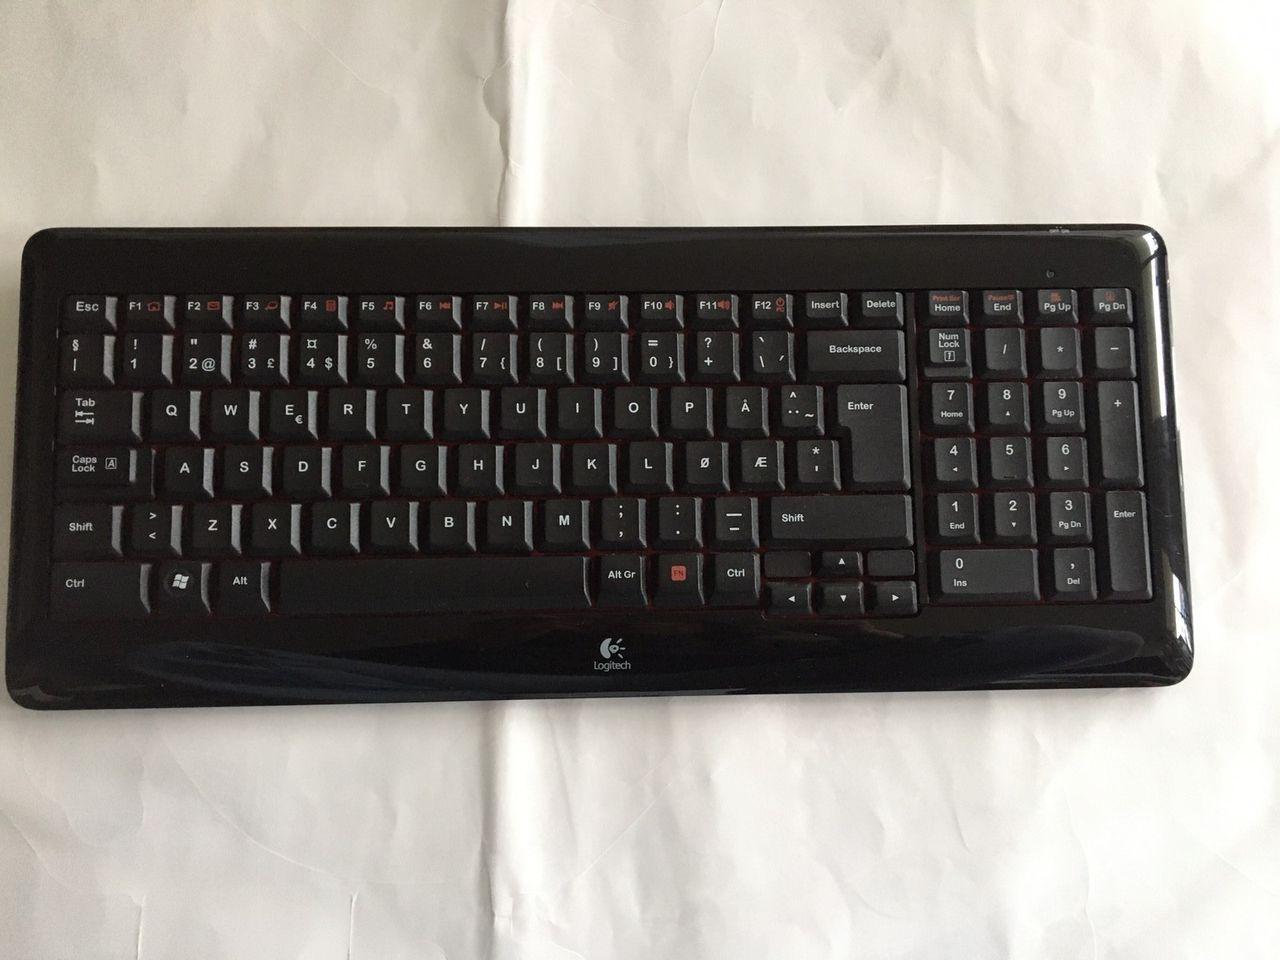 Tastaturet Kjøpe, selge og utveksle annonser finn den